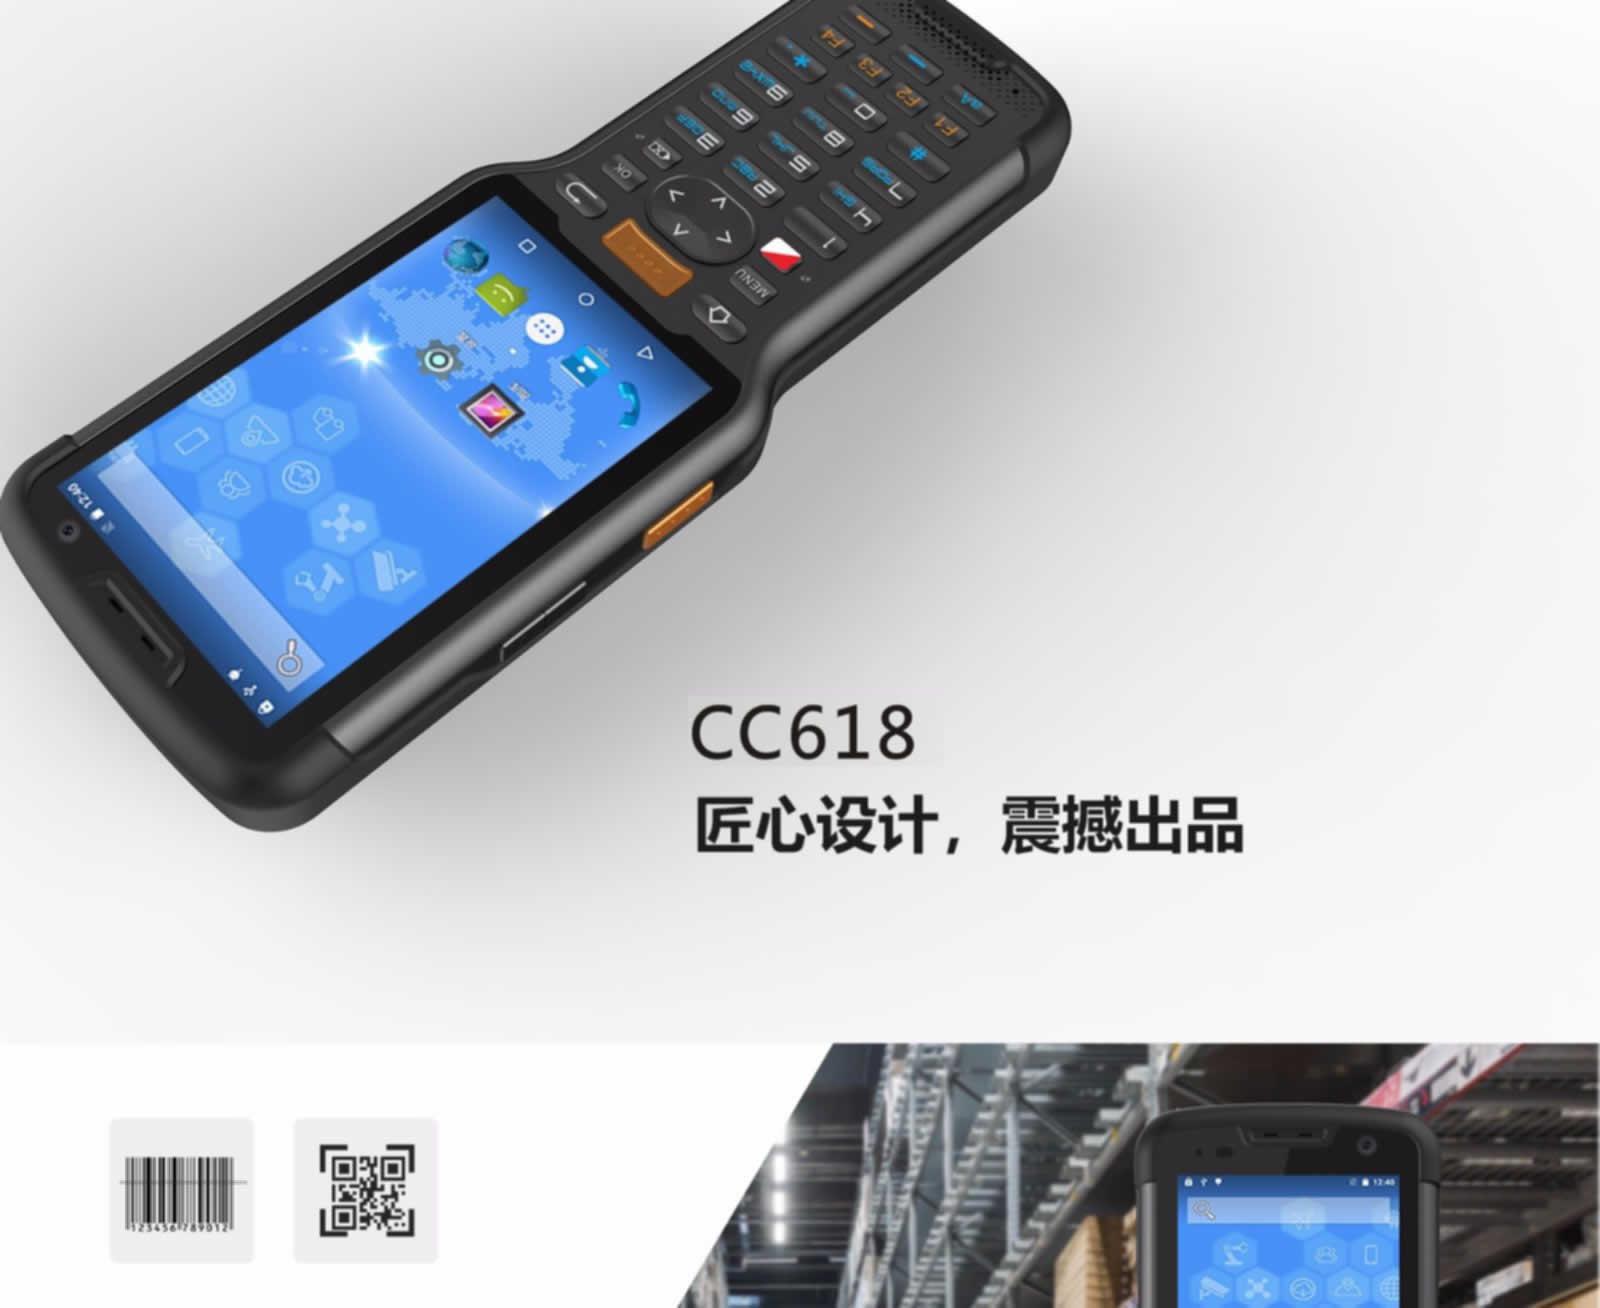 手持终端 Android CC618 可代开发APP